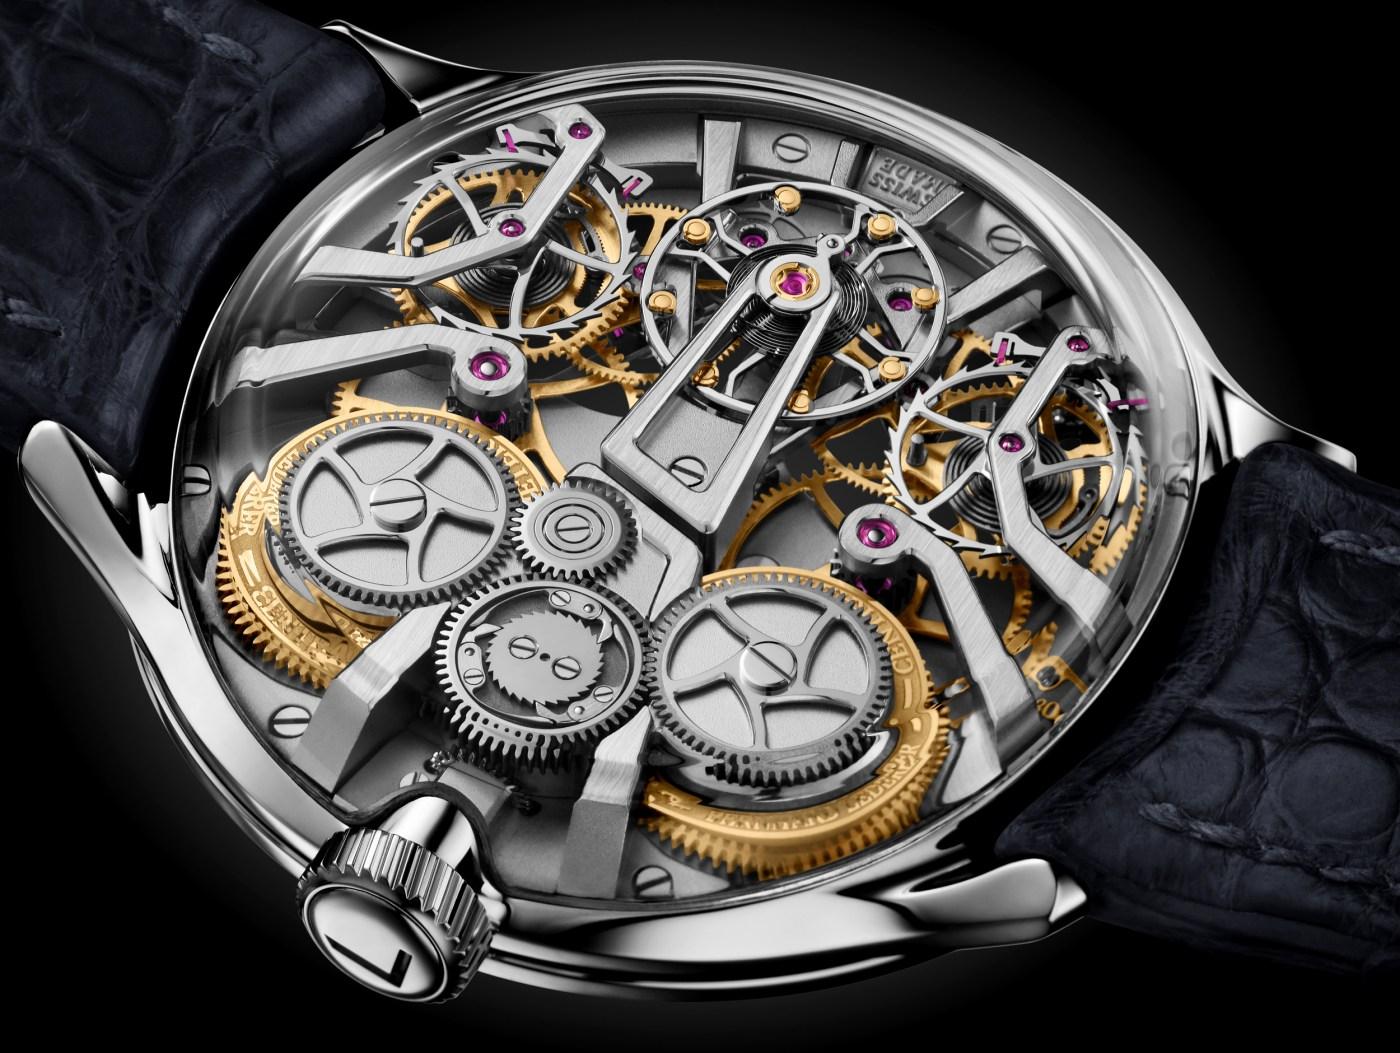 Lederer Central Impulse Chronometer caseback